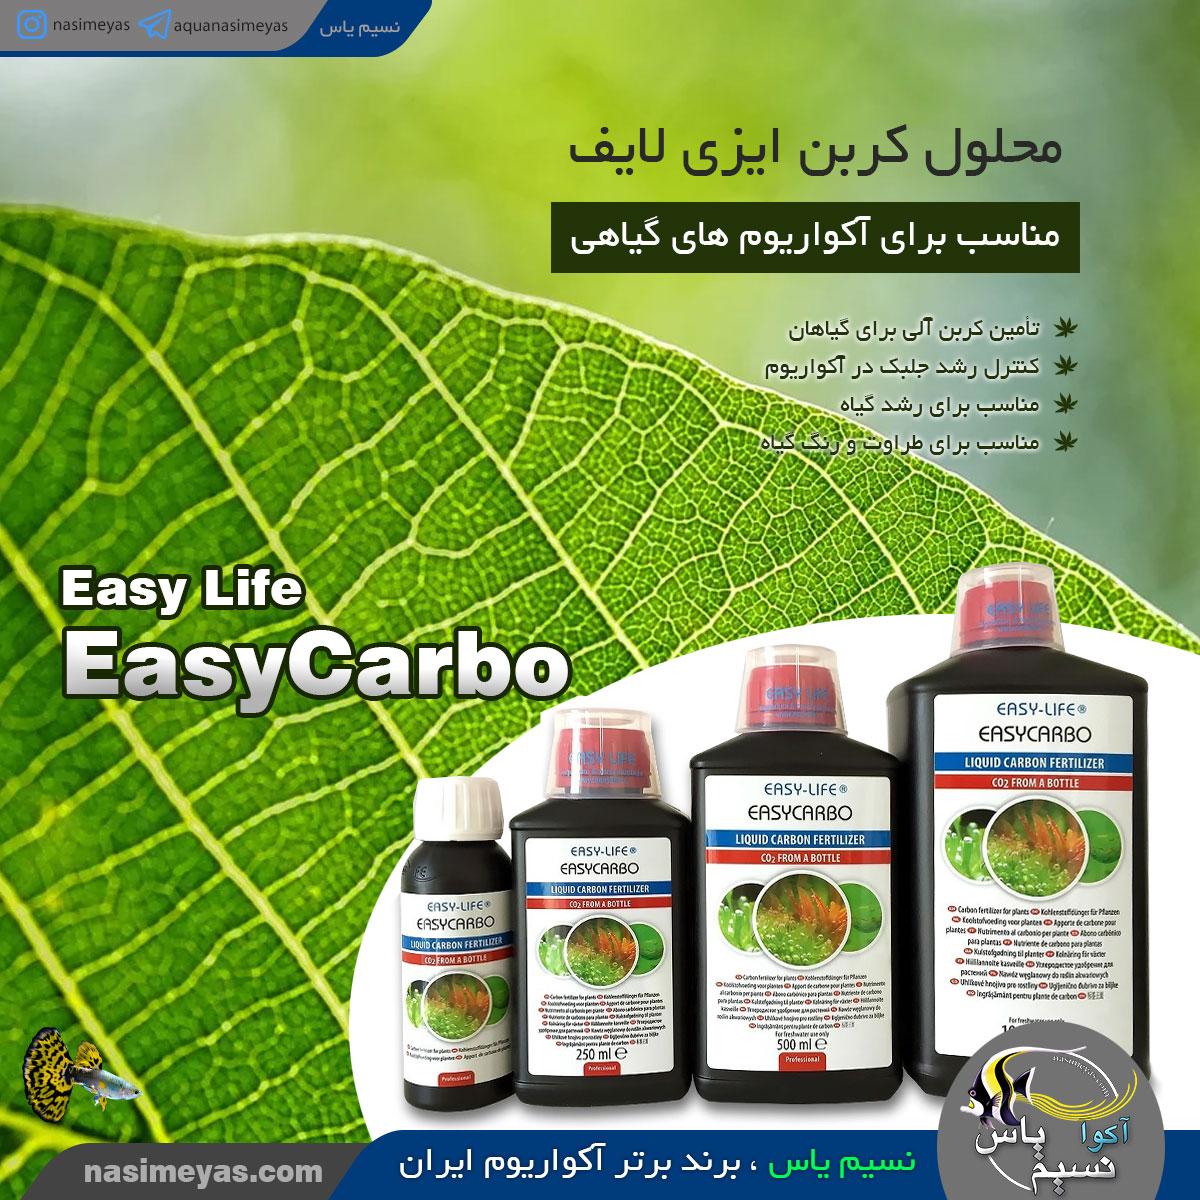 محلول کربن easycarbo گیاهان آبزی ایزی لایف